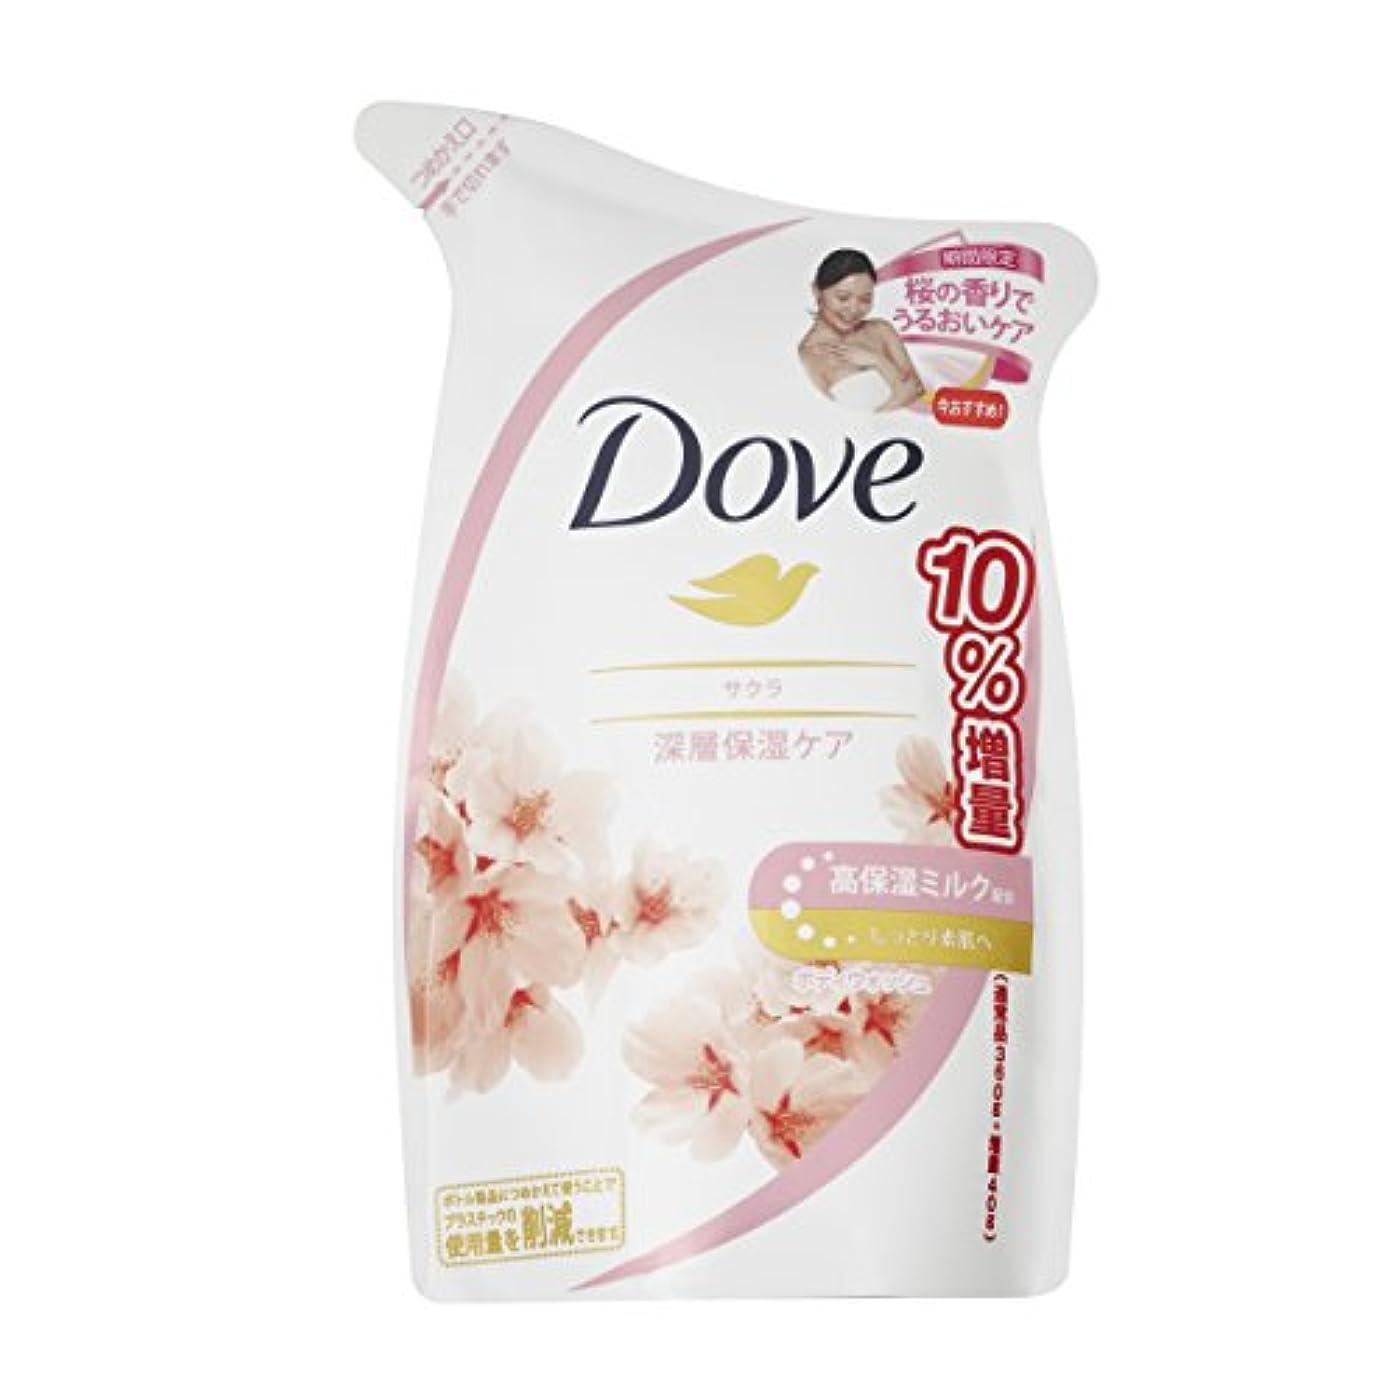 Dove ダヴ ボディウォッシュ サクラ つめかえ用 増量品 400g